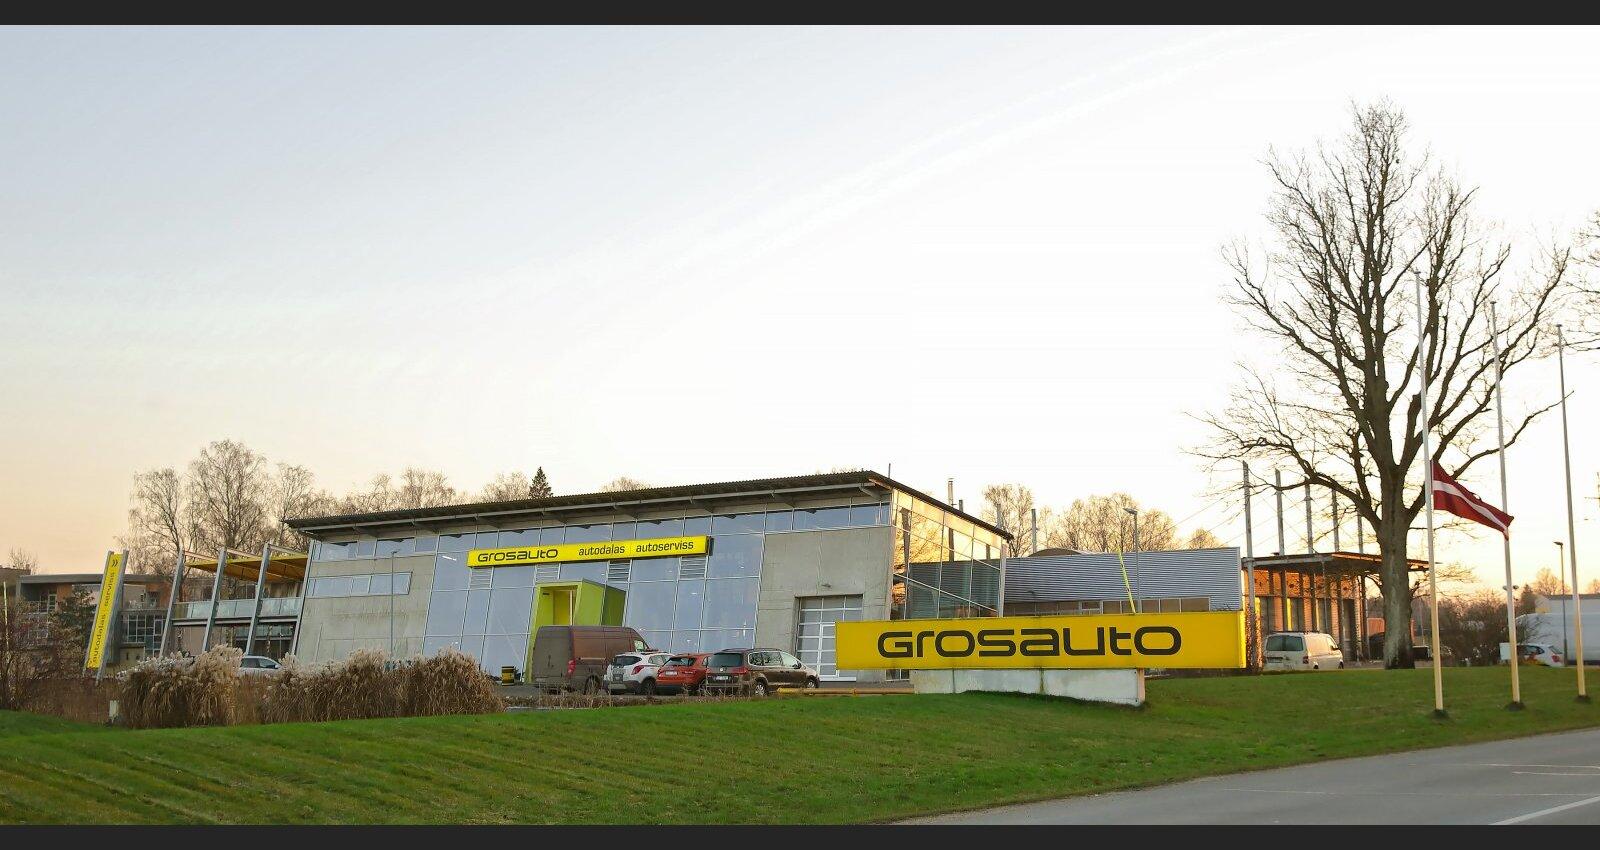 'Gros' autobiznesa glābšana: ko jaunajiem īpašniekiem nozīmē Groskopa nāve un parādi valstij